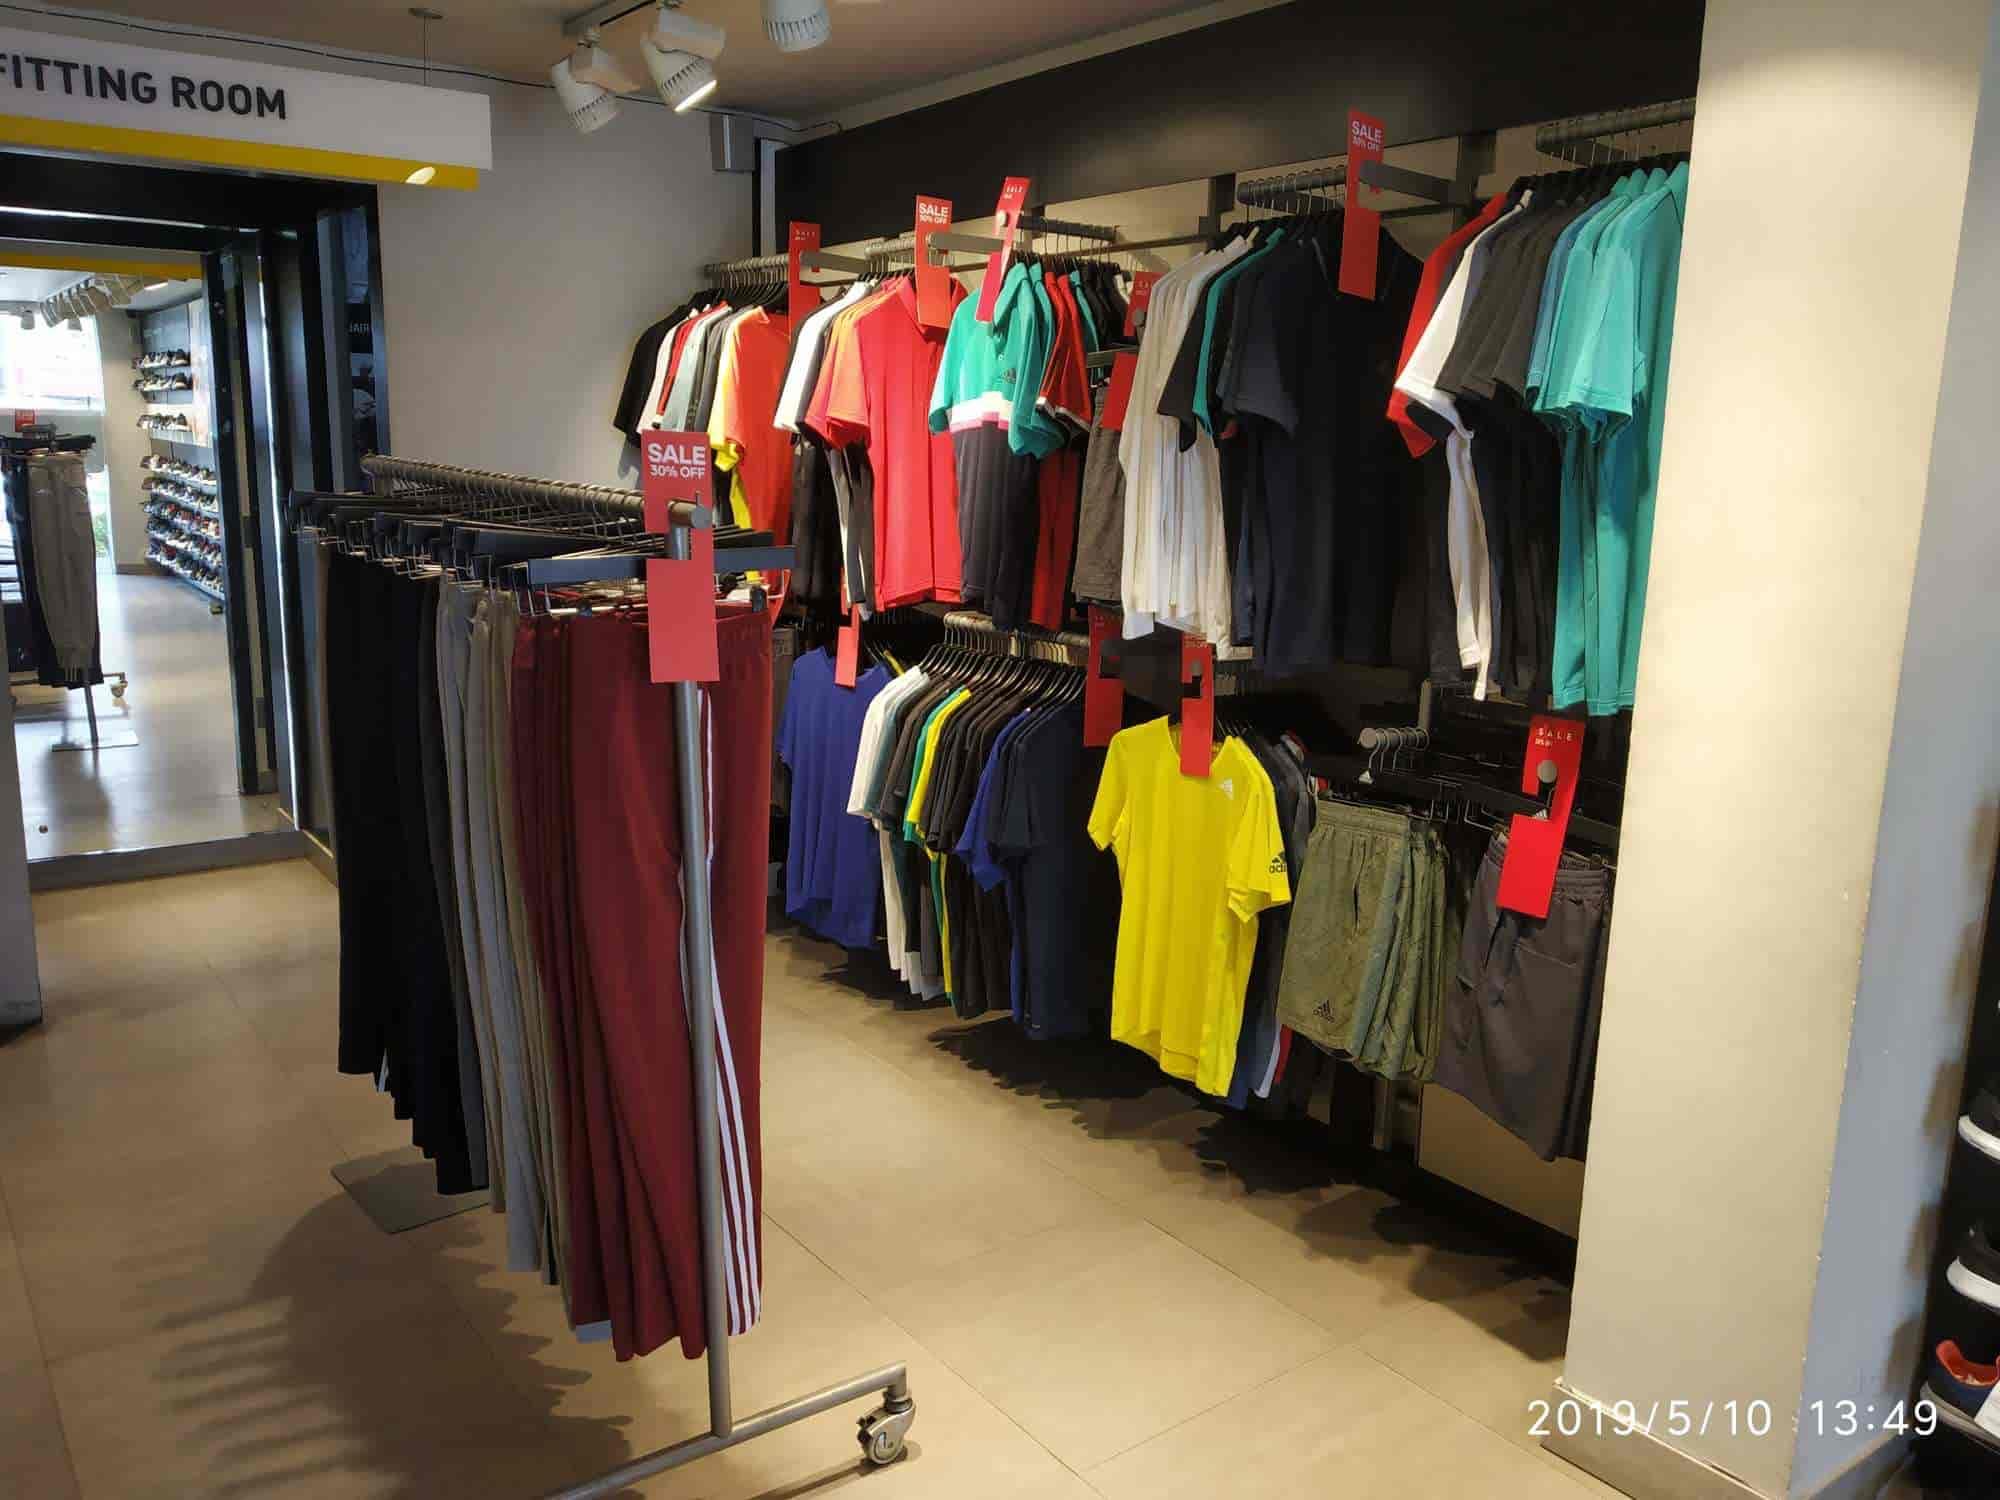 Marchito derivación cortar  Adidas Exclusive Store, Chanda Nagar - Shoe Dealers in Hyderabad - Justdial